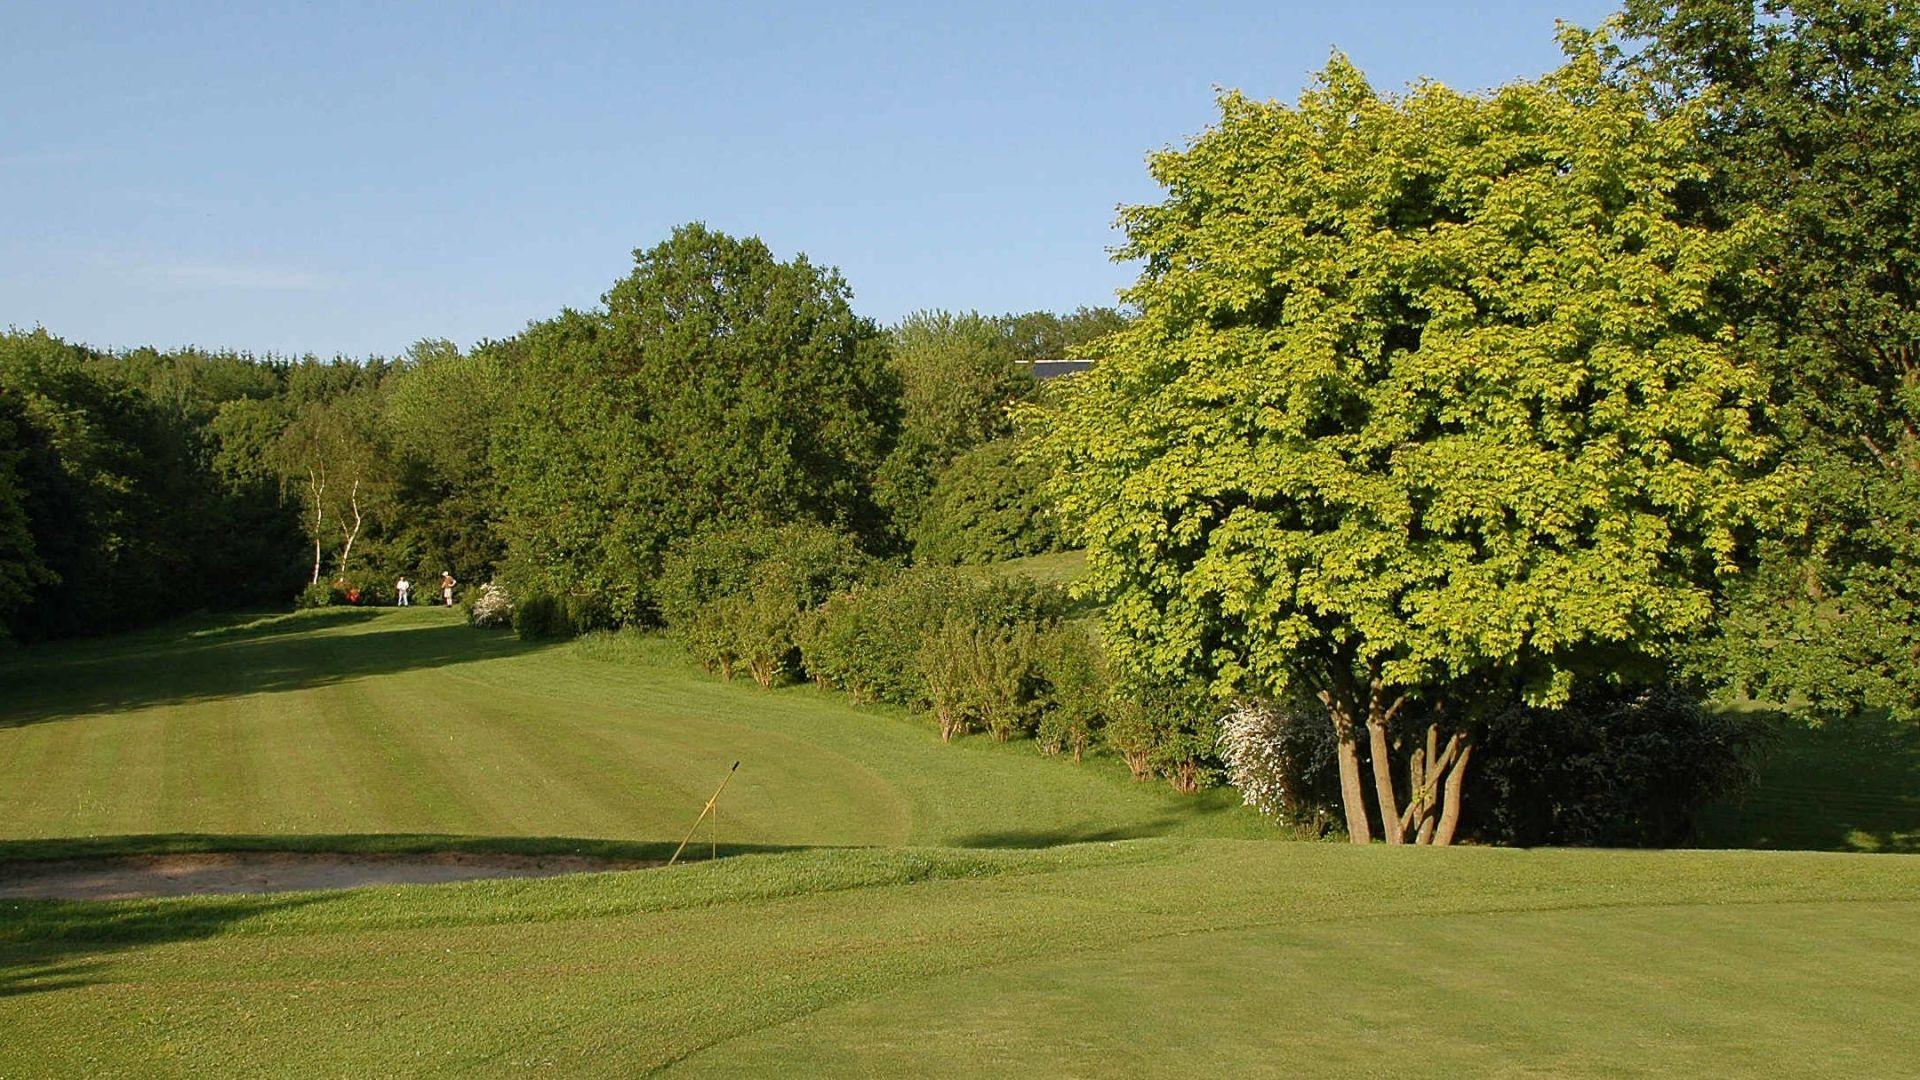 Golfplatz in Nümbrecht